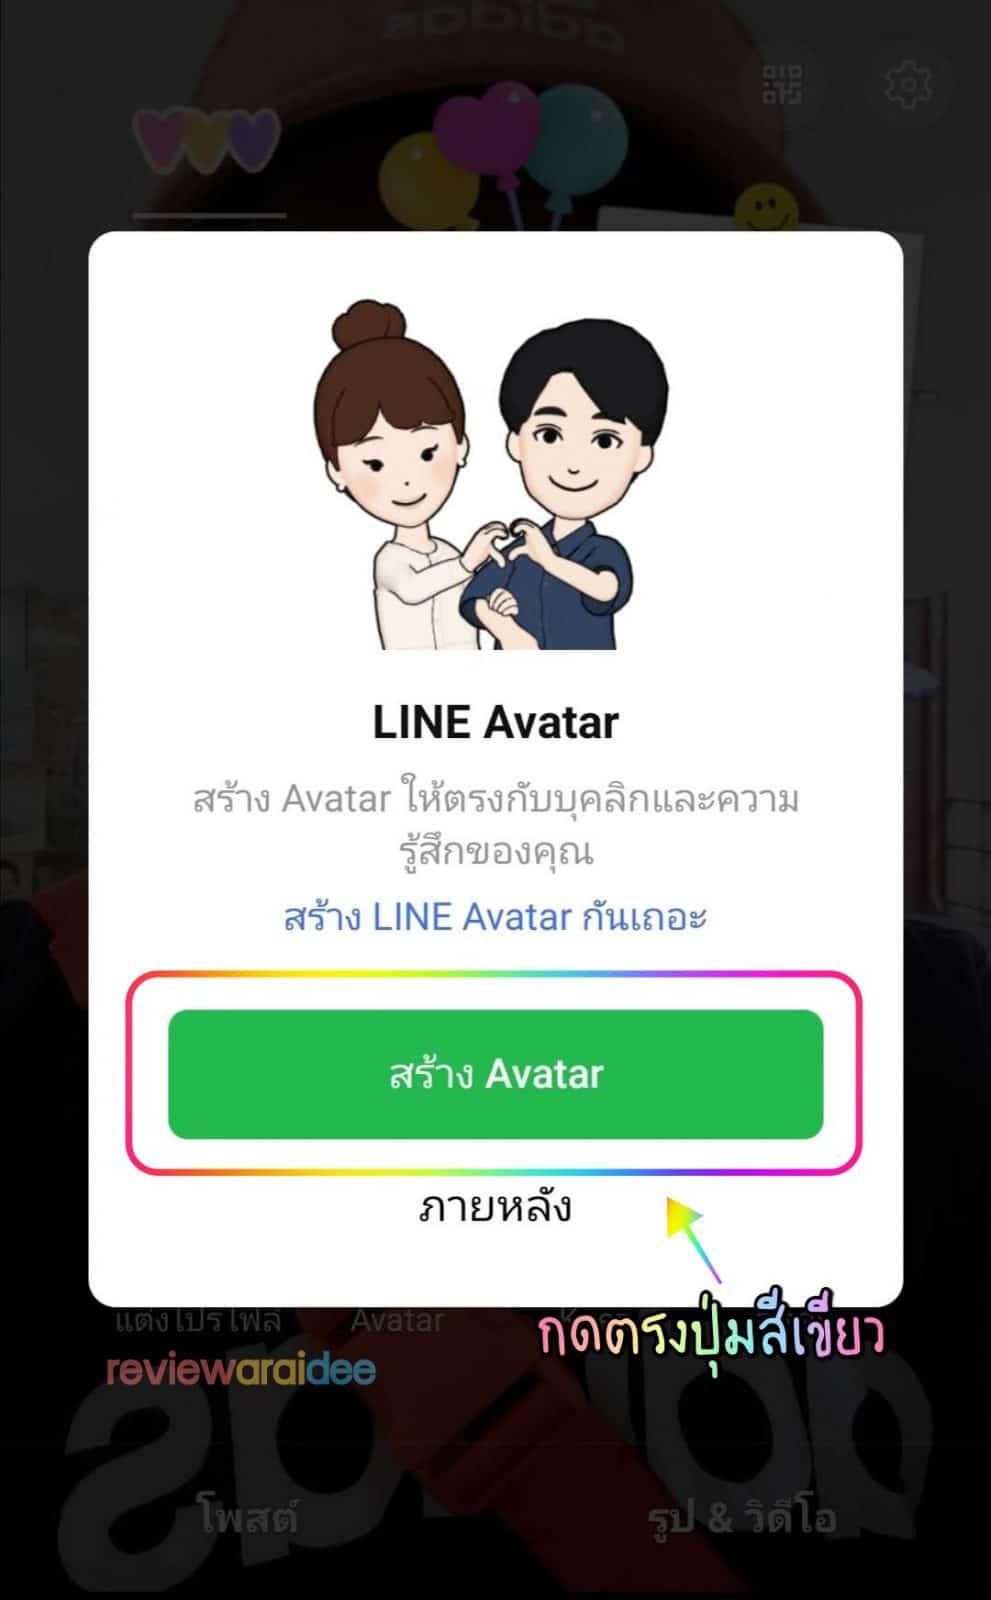 วิธีสร้าง LINE Avatar (ไลน์อวตาร) บน line ทำได้เฉพาะมือถือและแท็บเล็ตเท่านั้น!